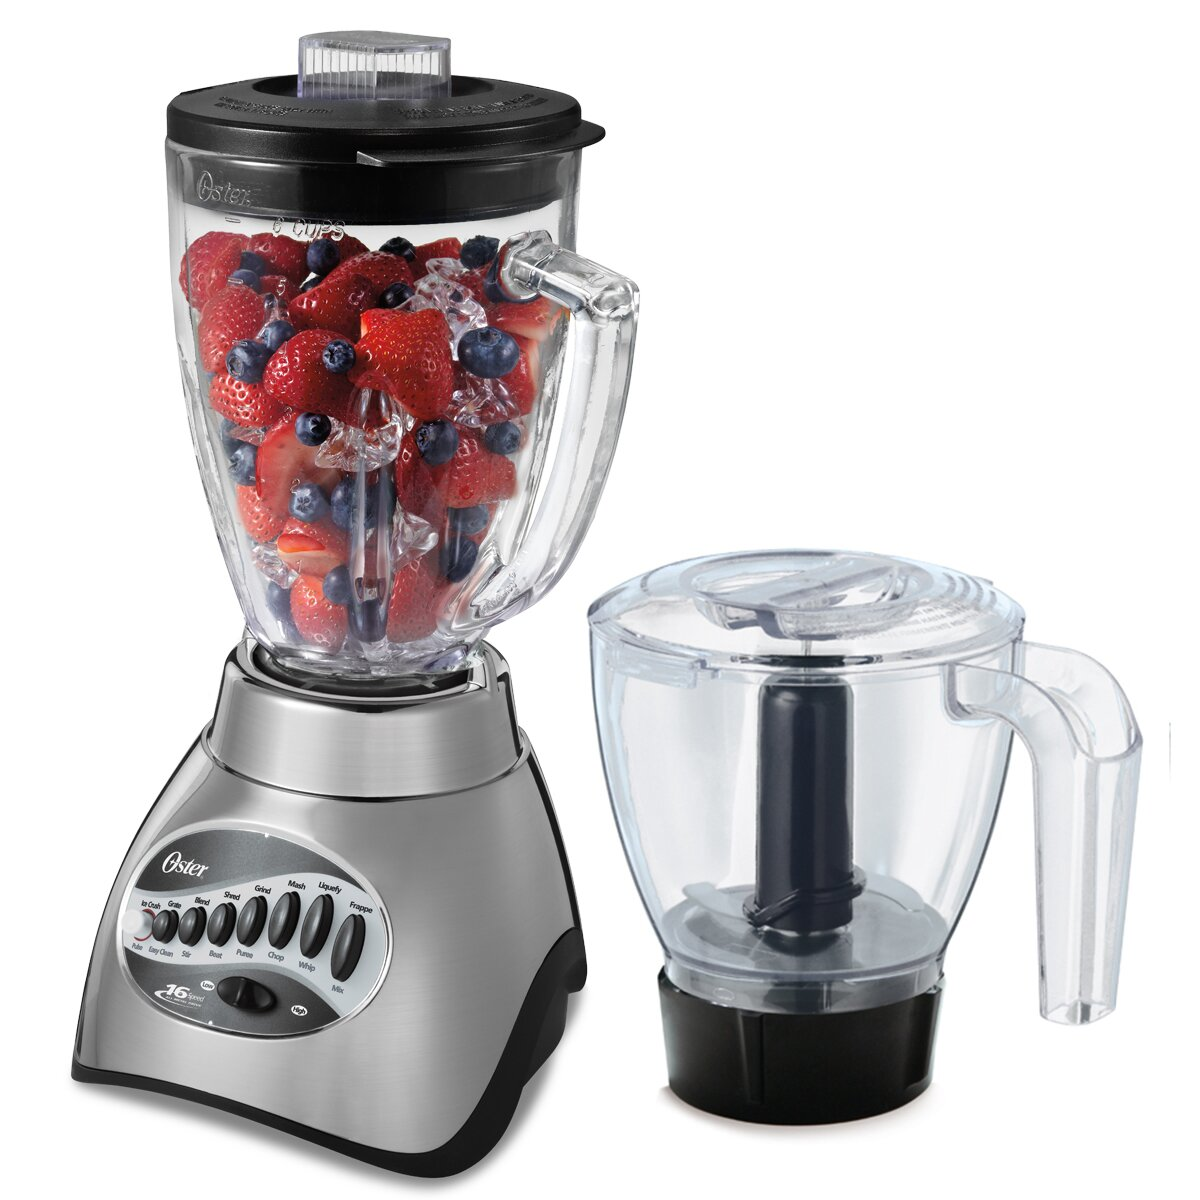 Cuisinart smartpower duet blender and food processor - Oster 16 Speed Glass Jar Blender